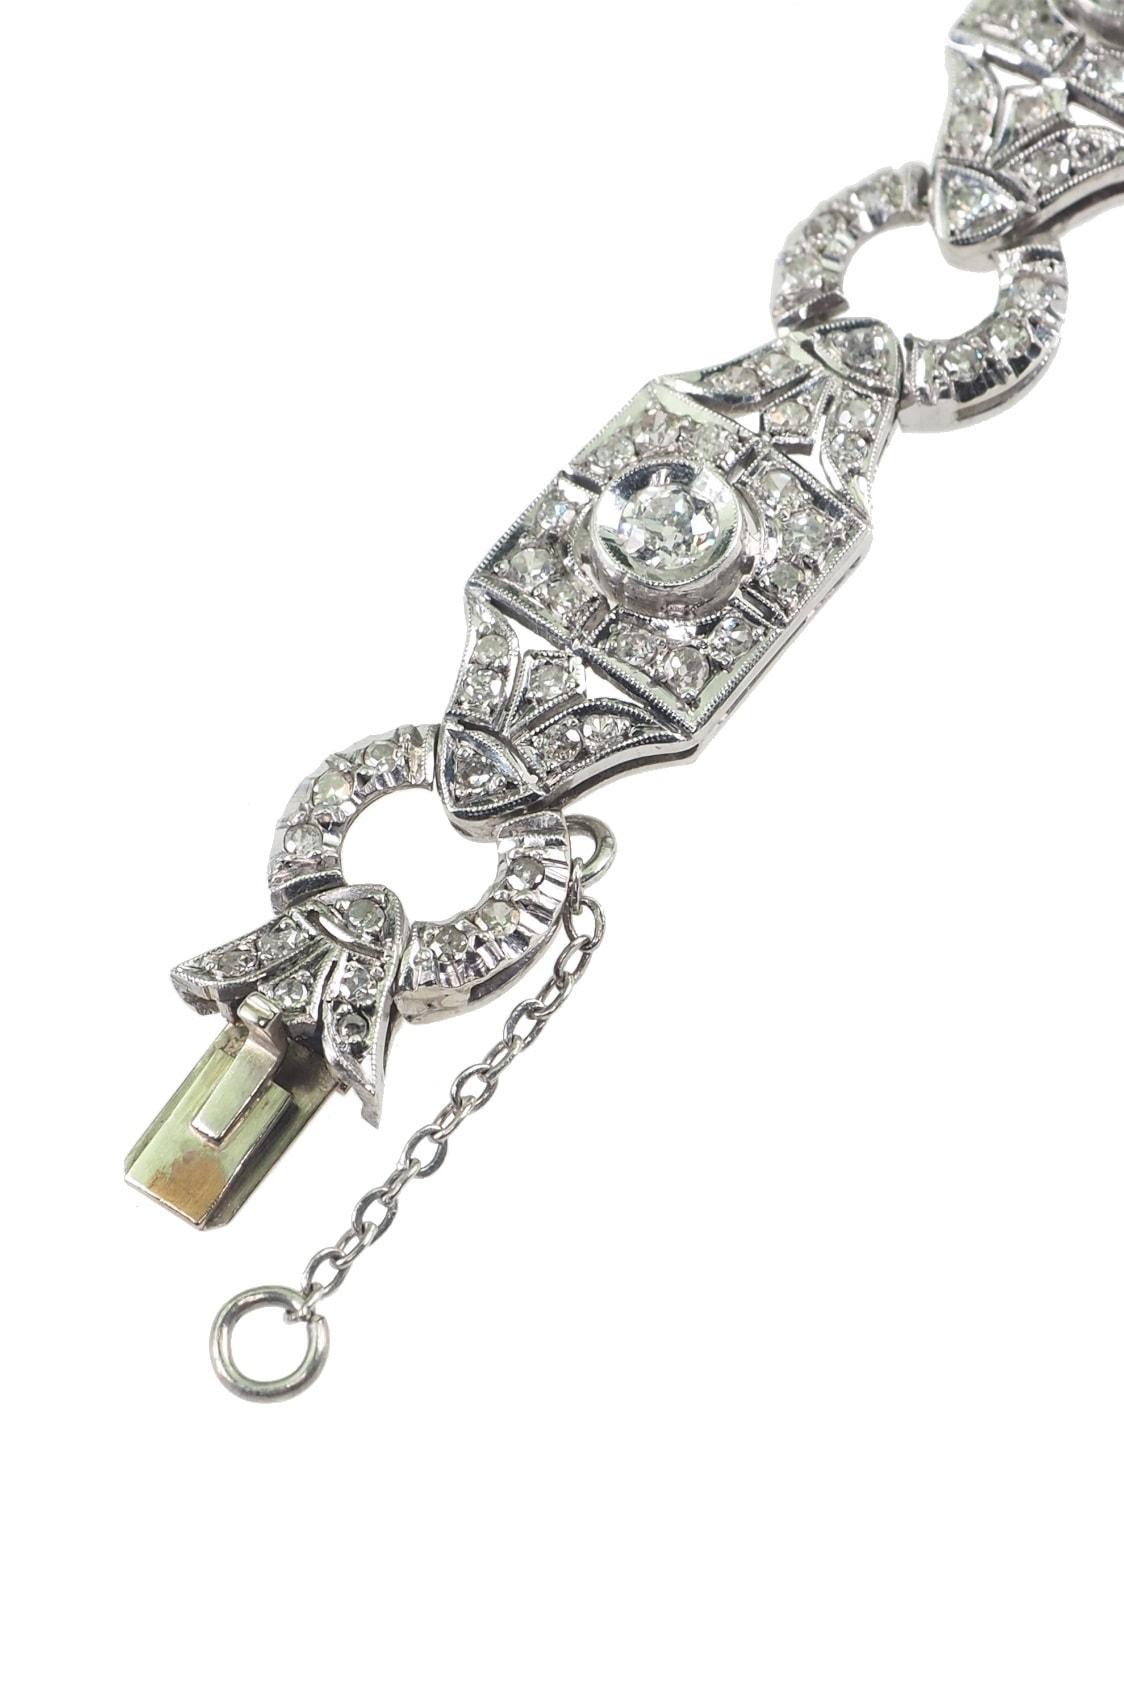 antikes-Diamantarmband-kaufen-2796a